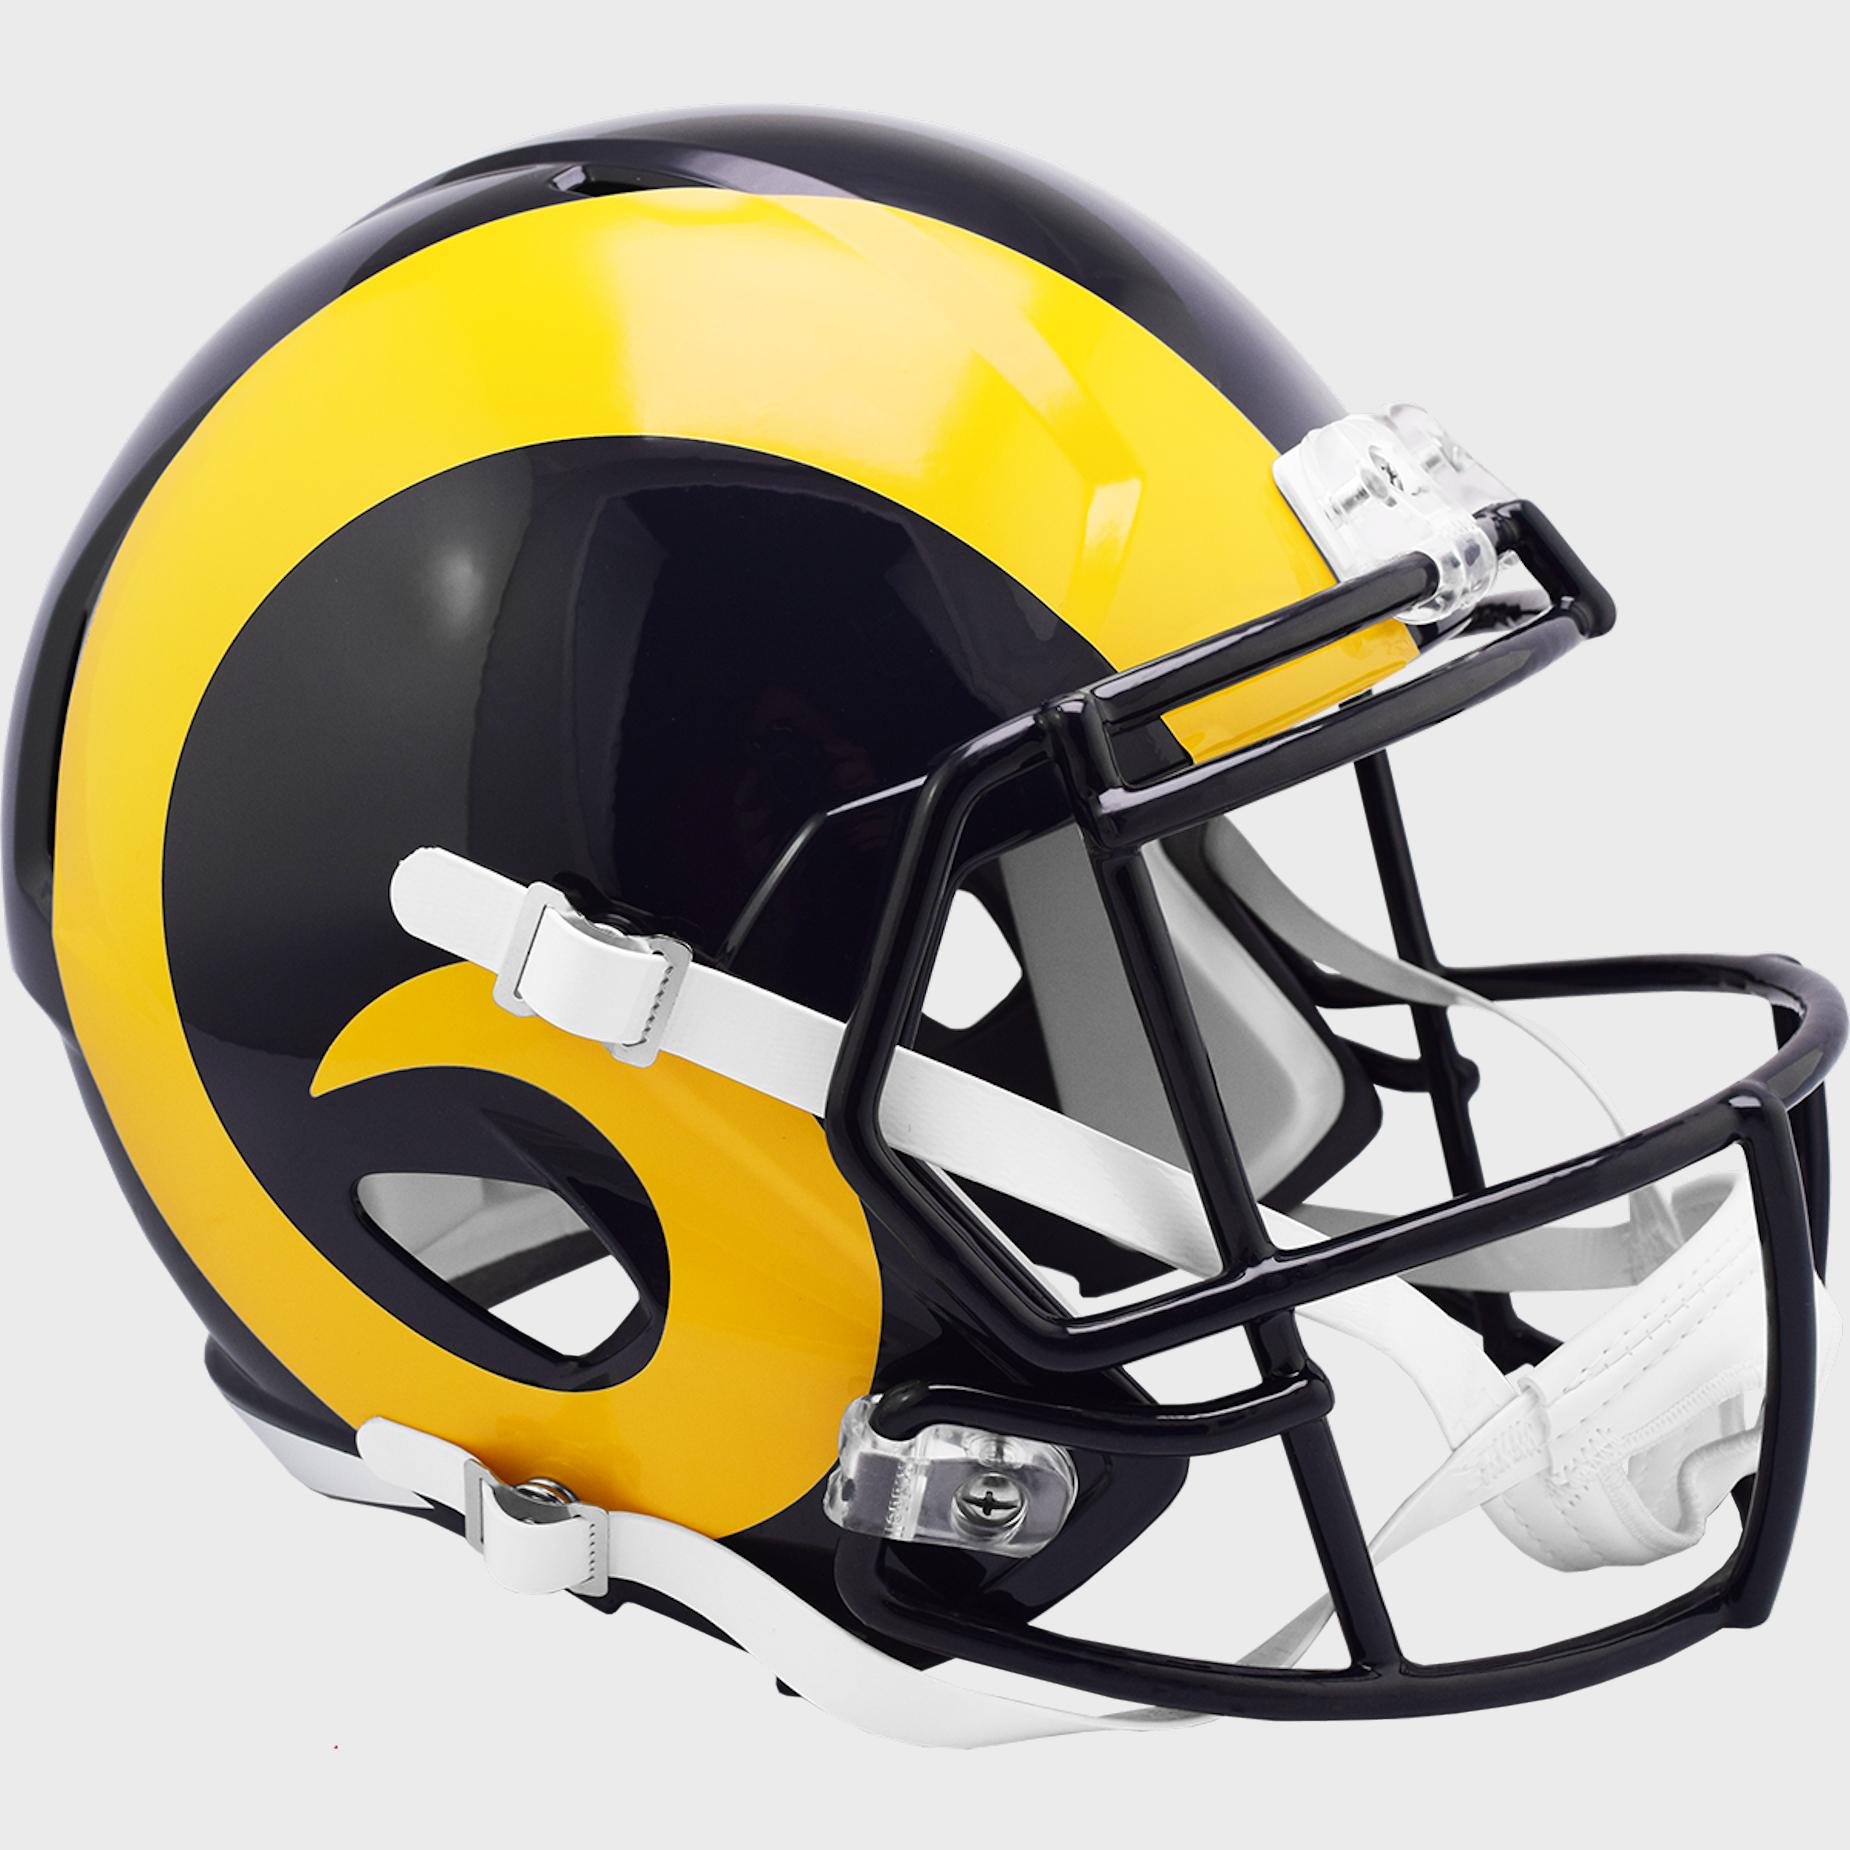 St. Louis Rams 2000 to 2016 Speed Replica Throwback Helmet